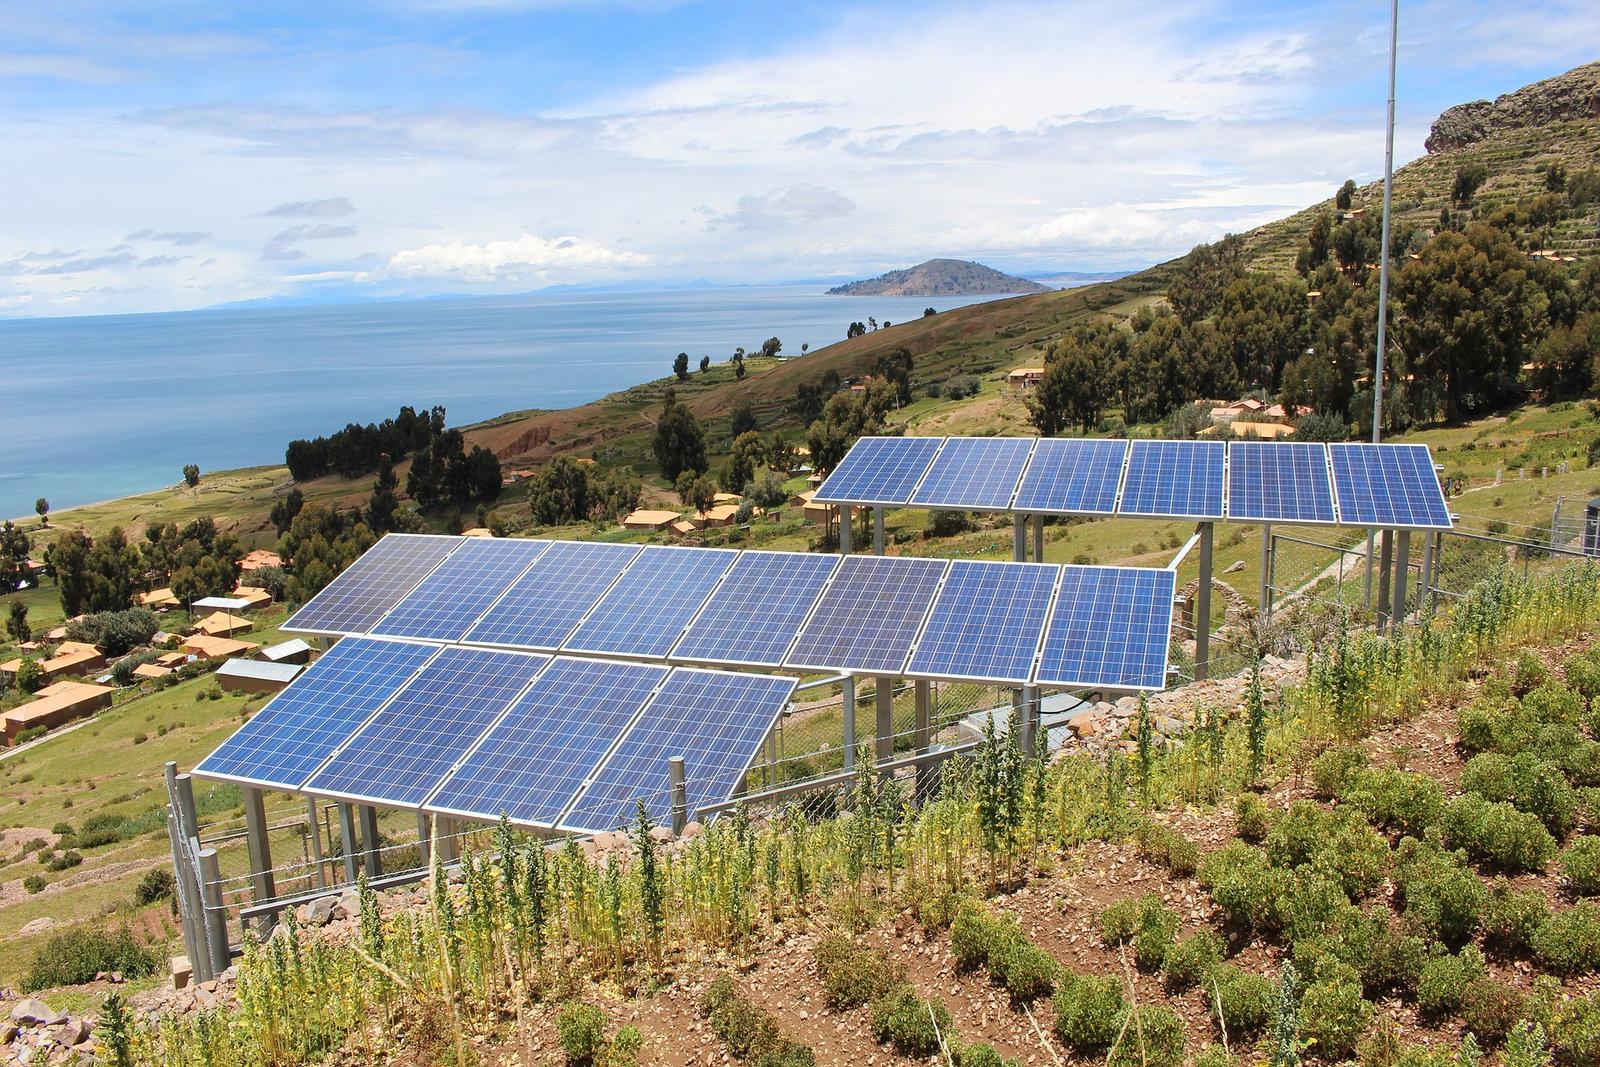 Quels sont les avantages de l'énergie renouvelable solaire ?